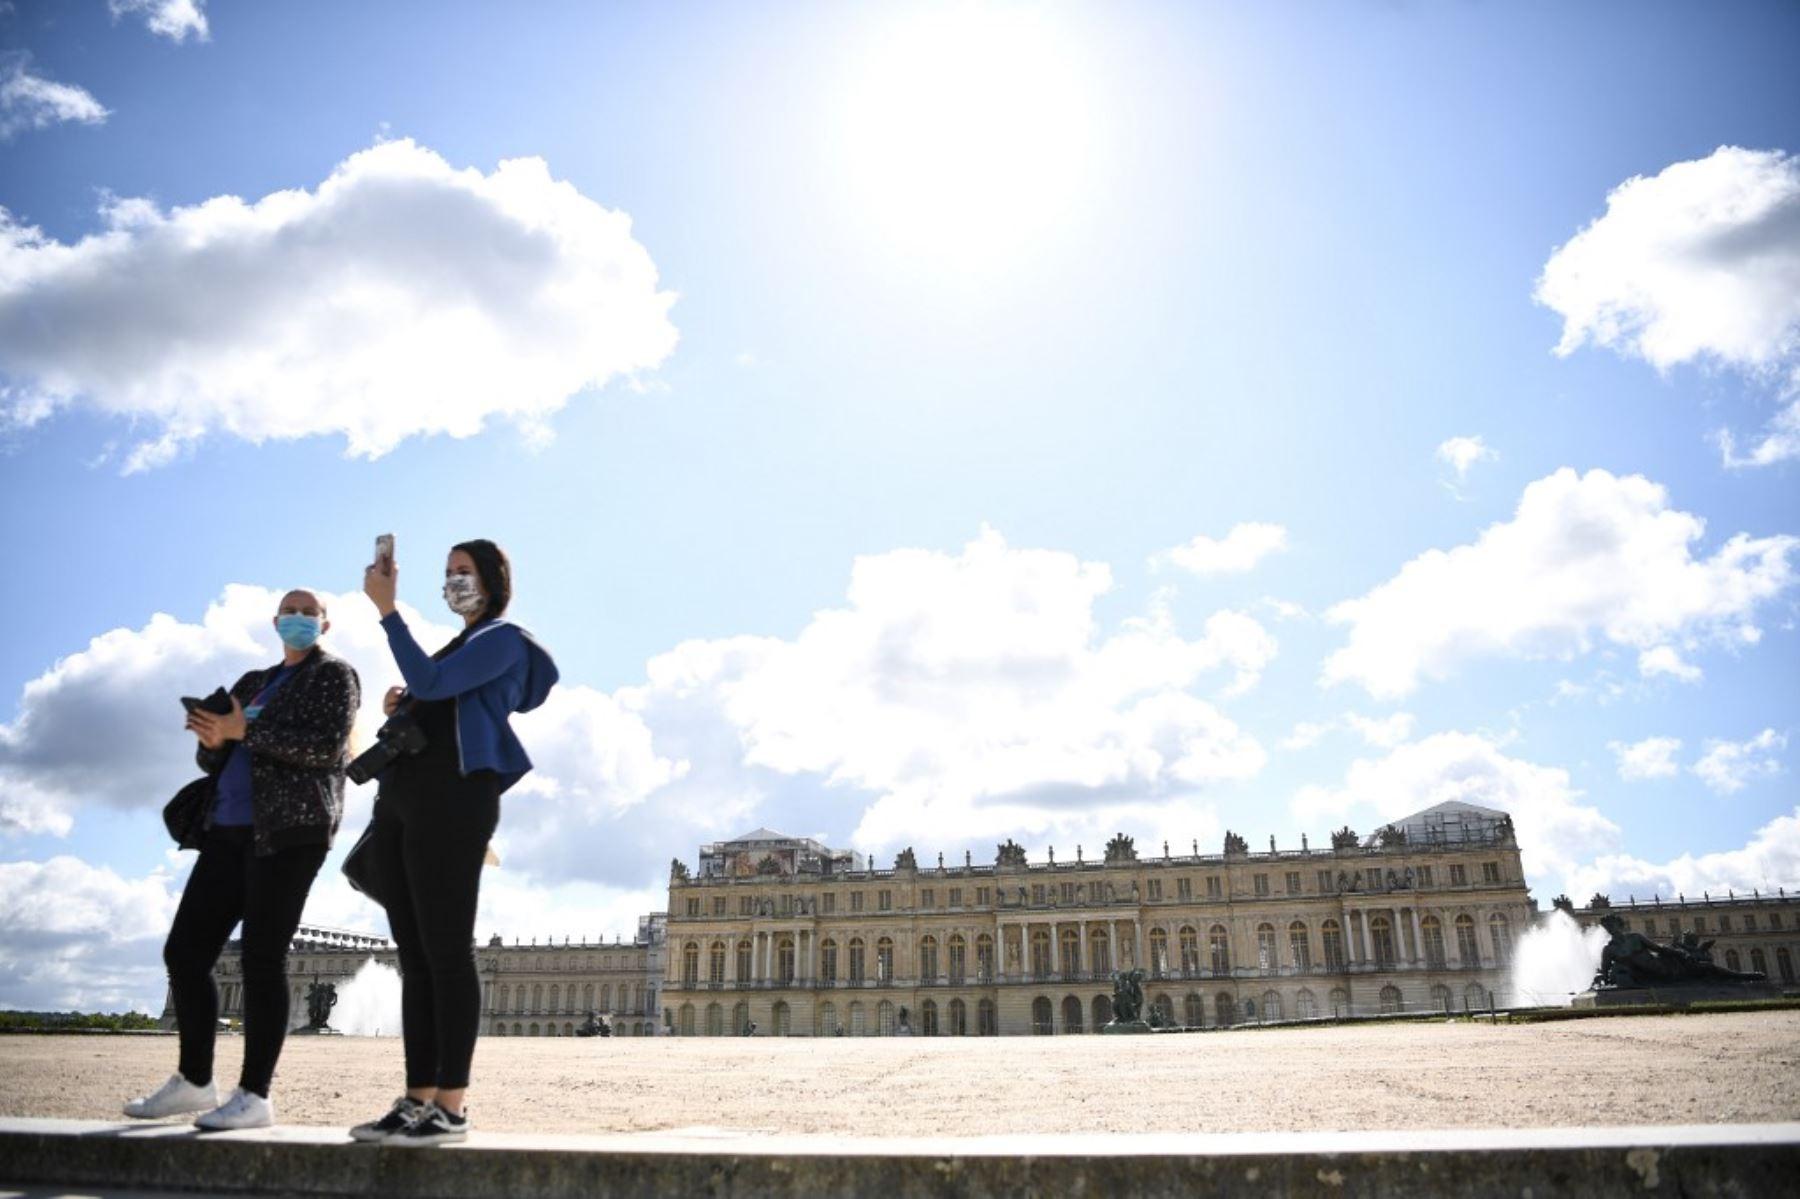 La gente visita el parque del histórico castillo francés Palacio de Versalles  cerca de París después de semanas de cierre tras las medidas de cierre adoptadas en Francia ante el coronavirus. Foto: AFP